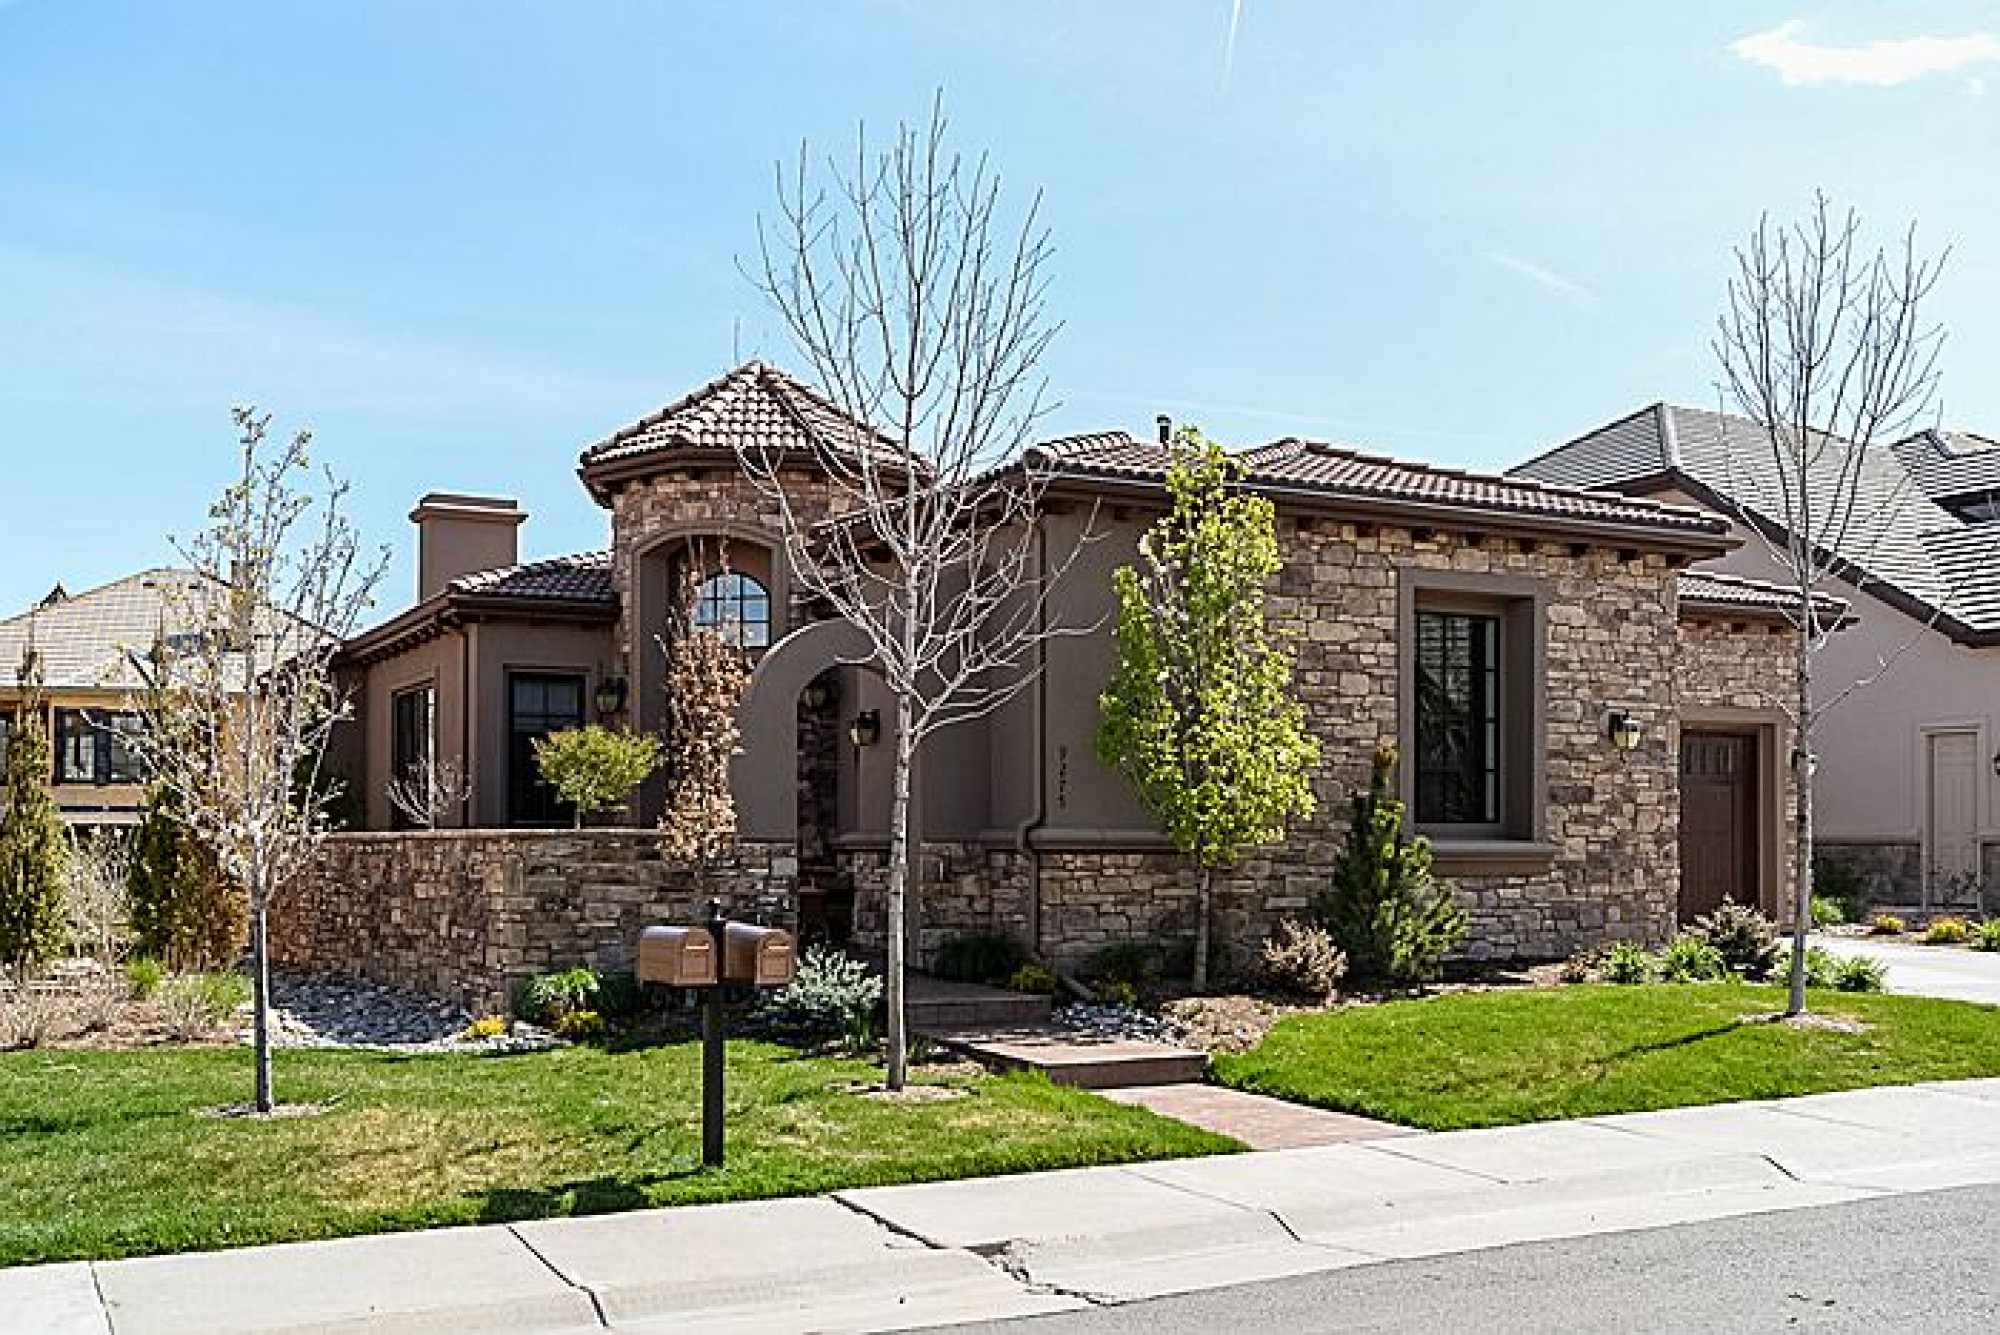 9275 E. Vassar Ave., Denver, CO 80231